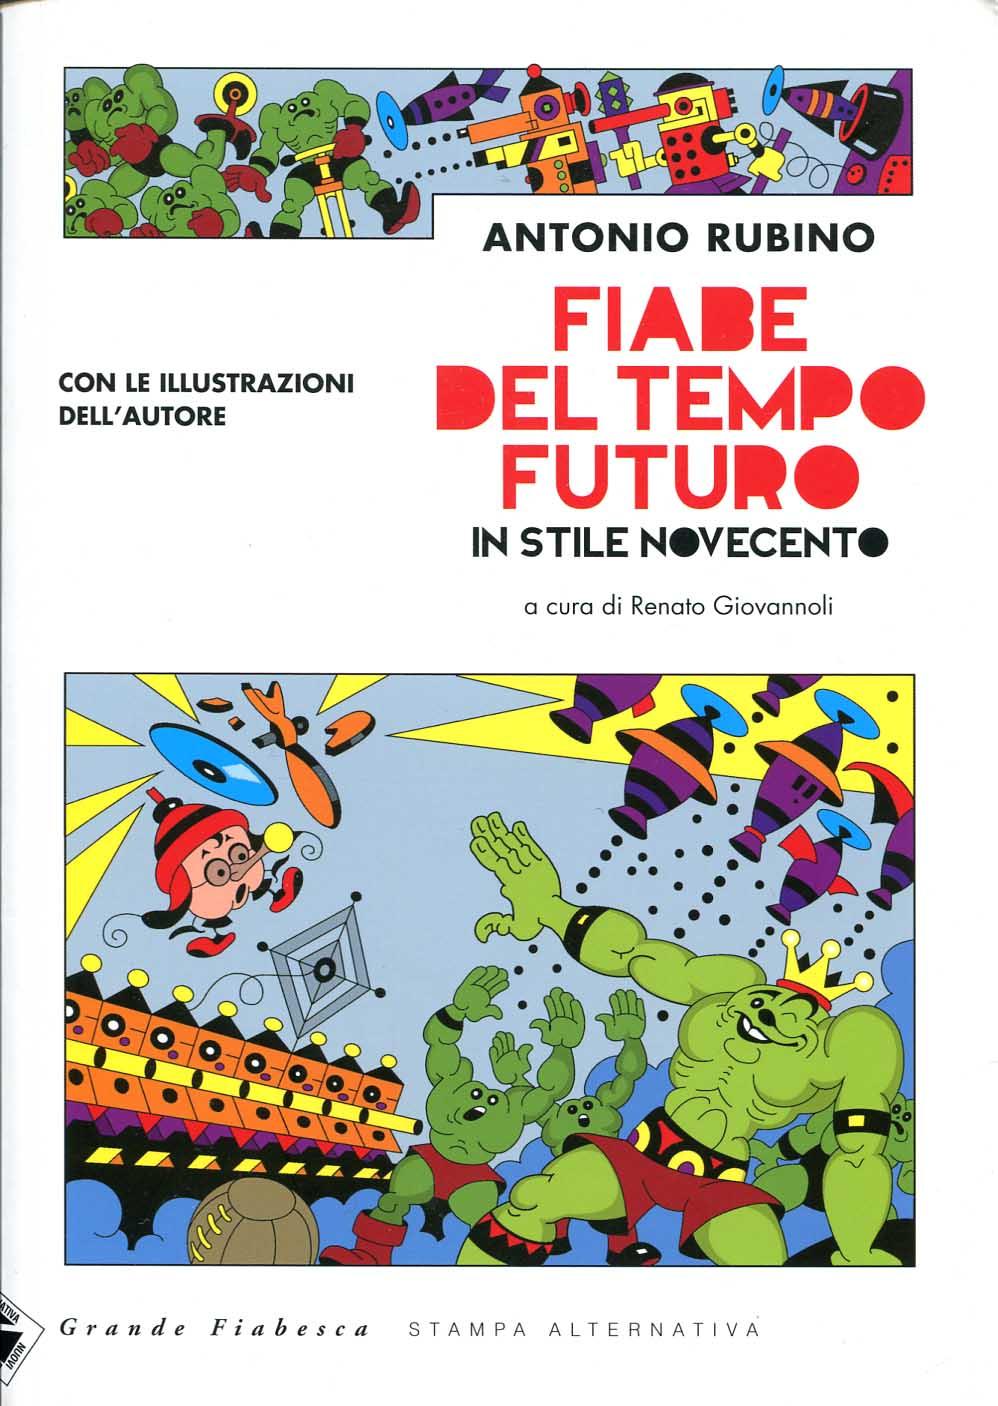 Antonio Rubino, Fiabe del tempo futuro